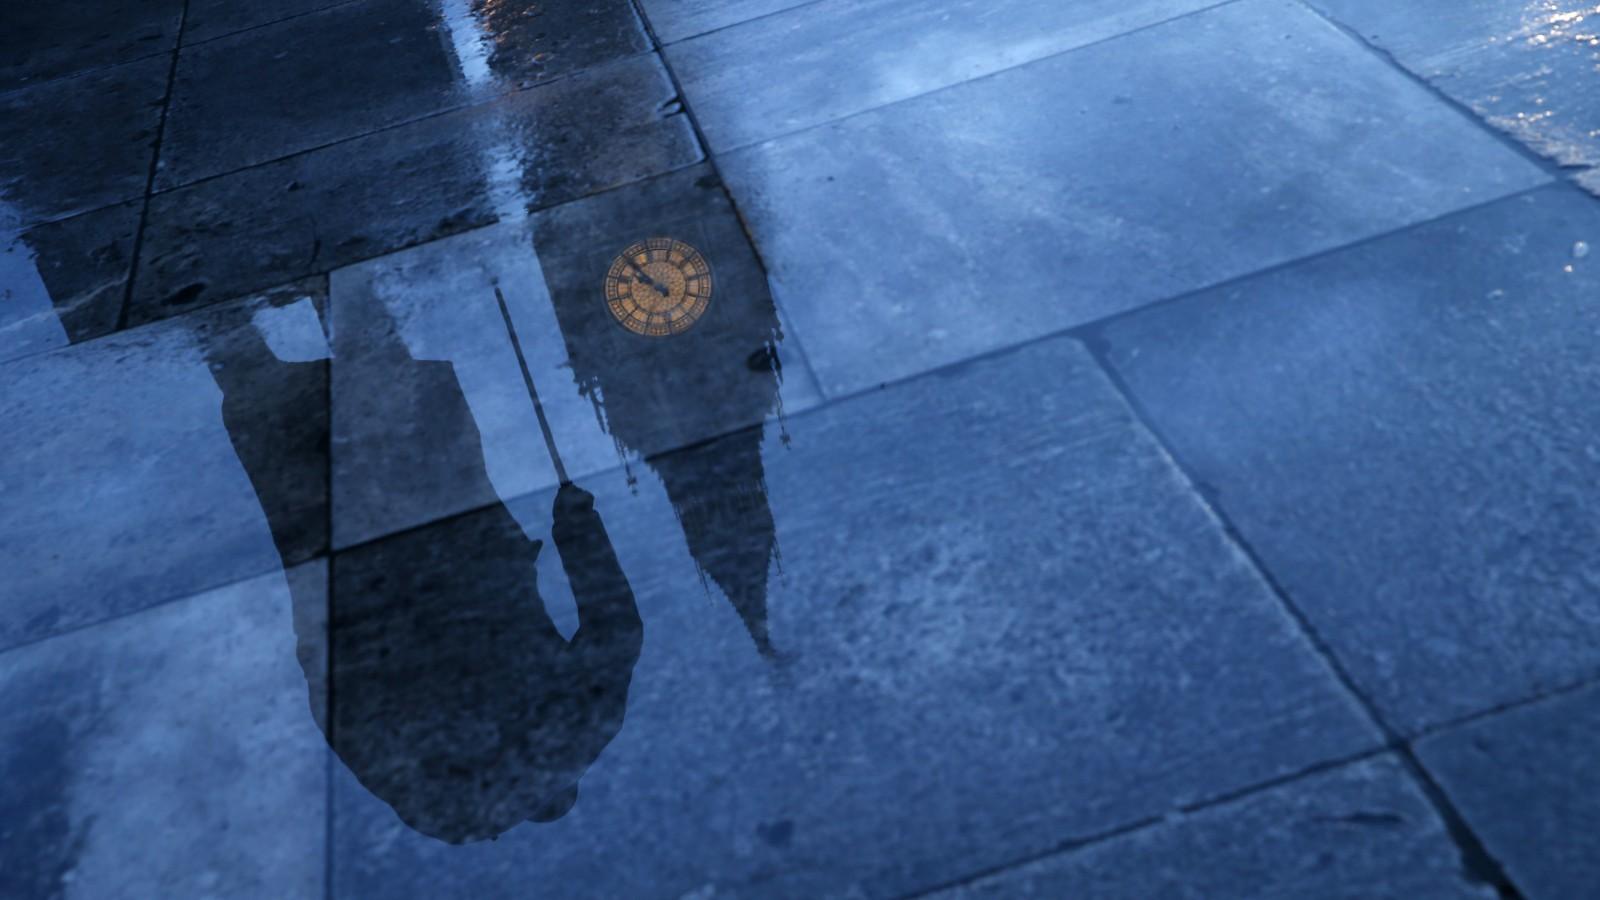 A rainy London street reflects Big Ben.